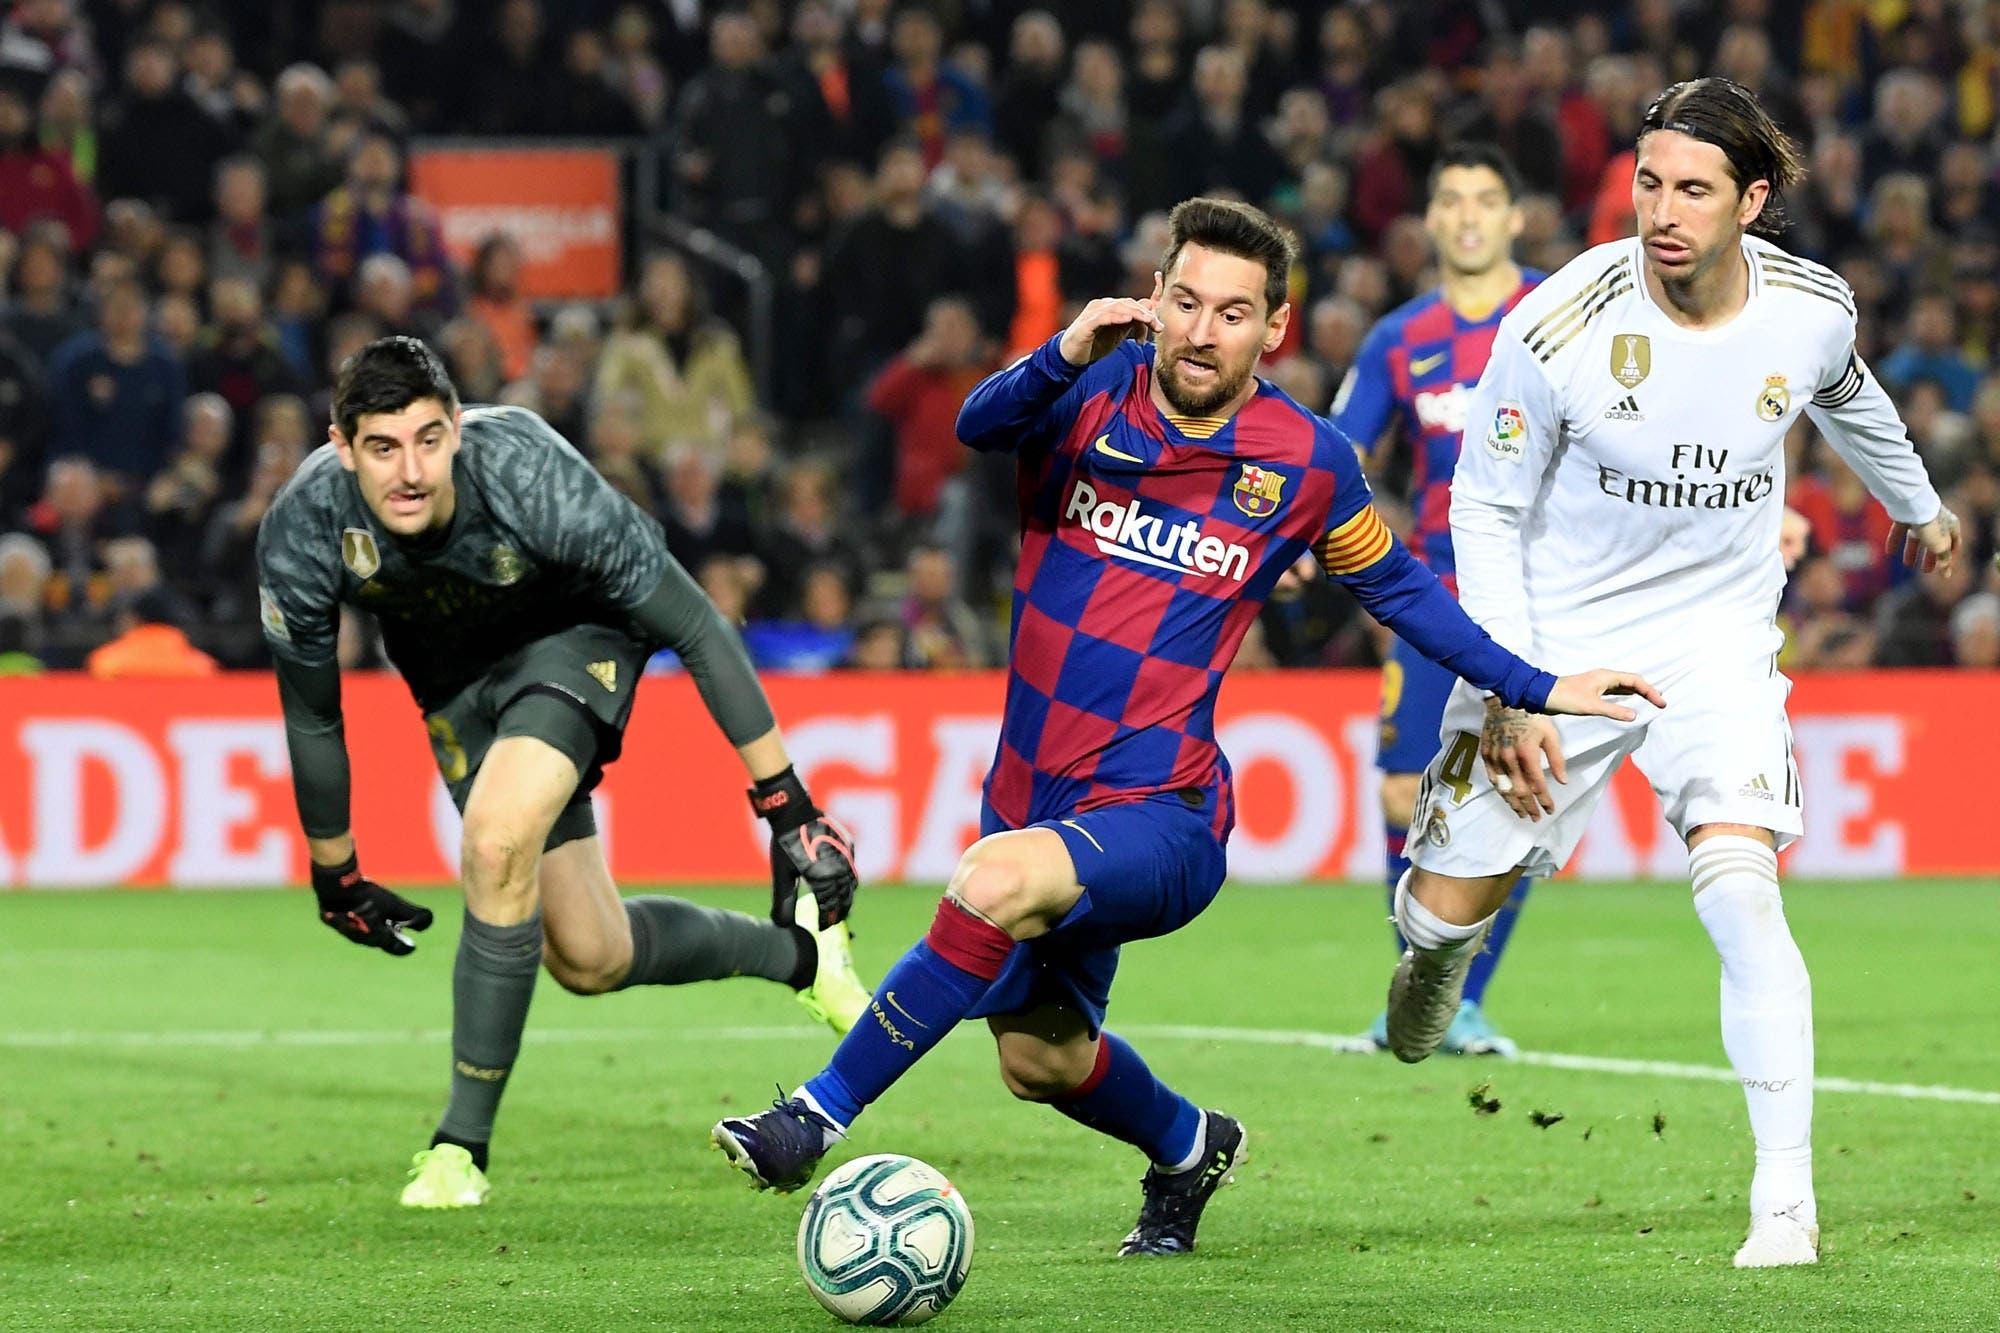 Real Madrid-Barcelona: las novedades de un clásico que marcará el futuro de ambos